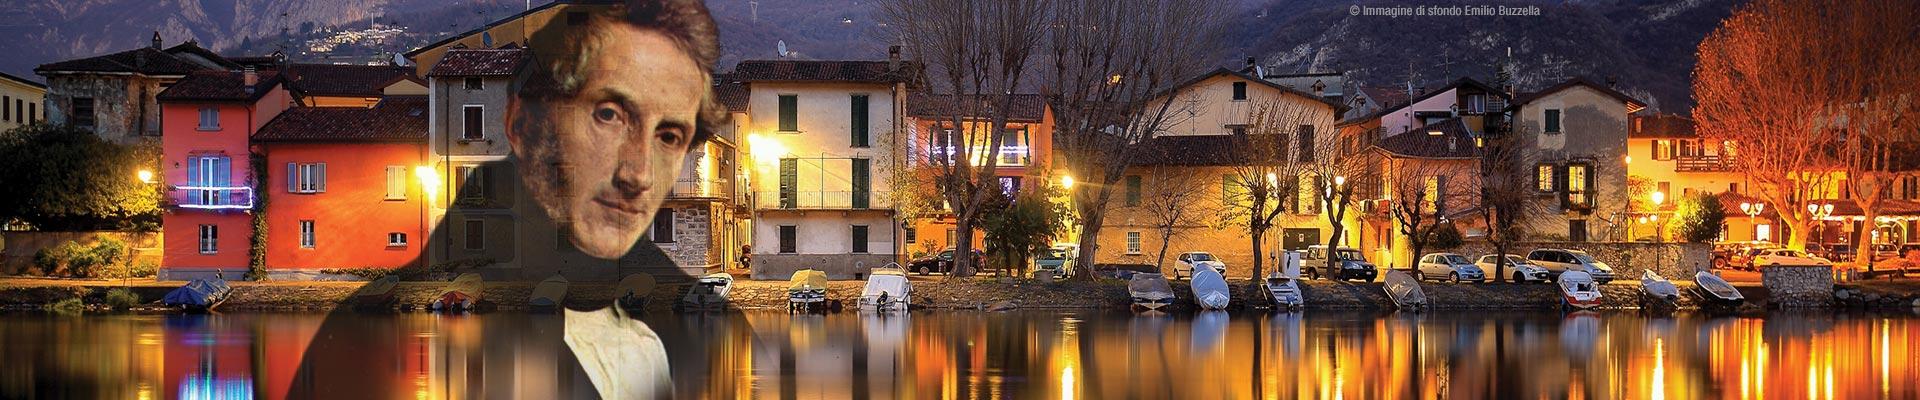 Tour Manzoniano Teatralizzato a Lecco